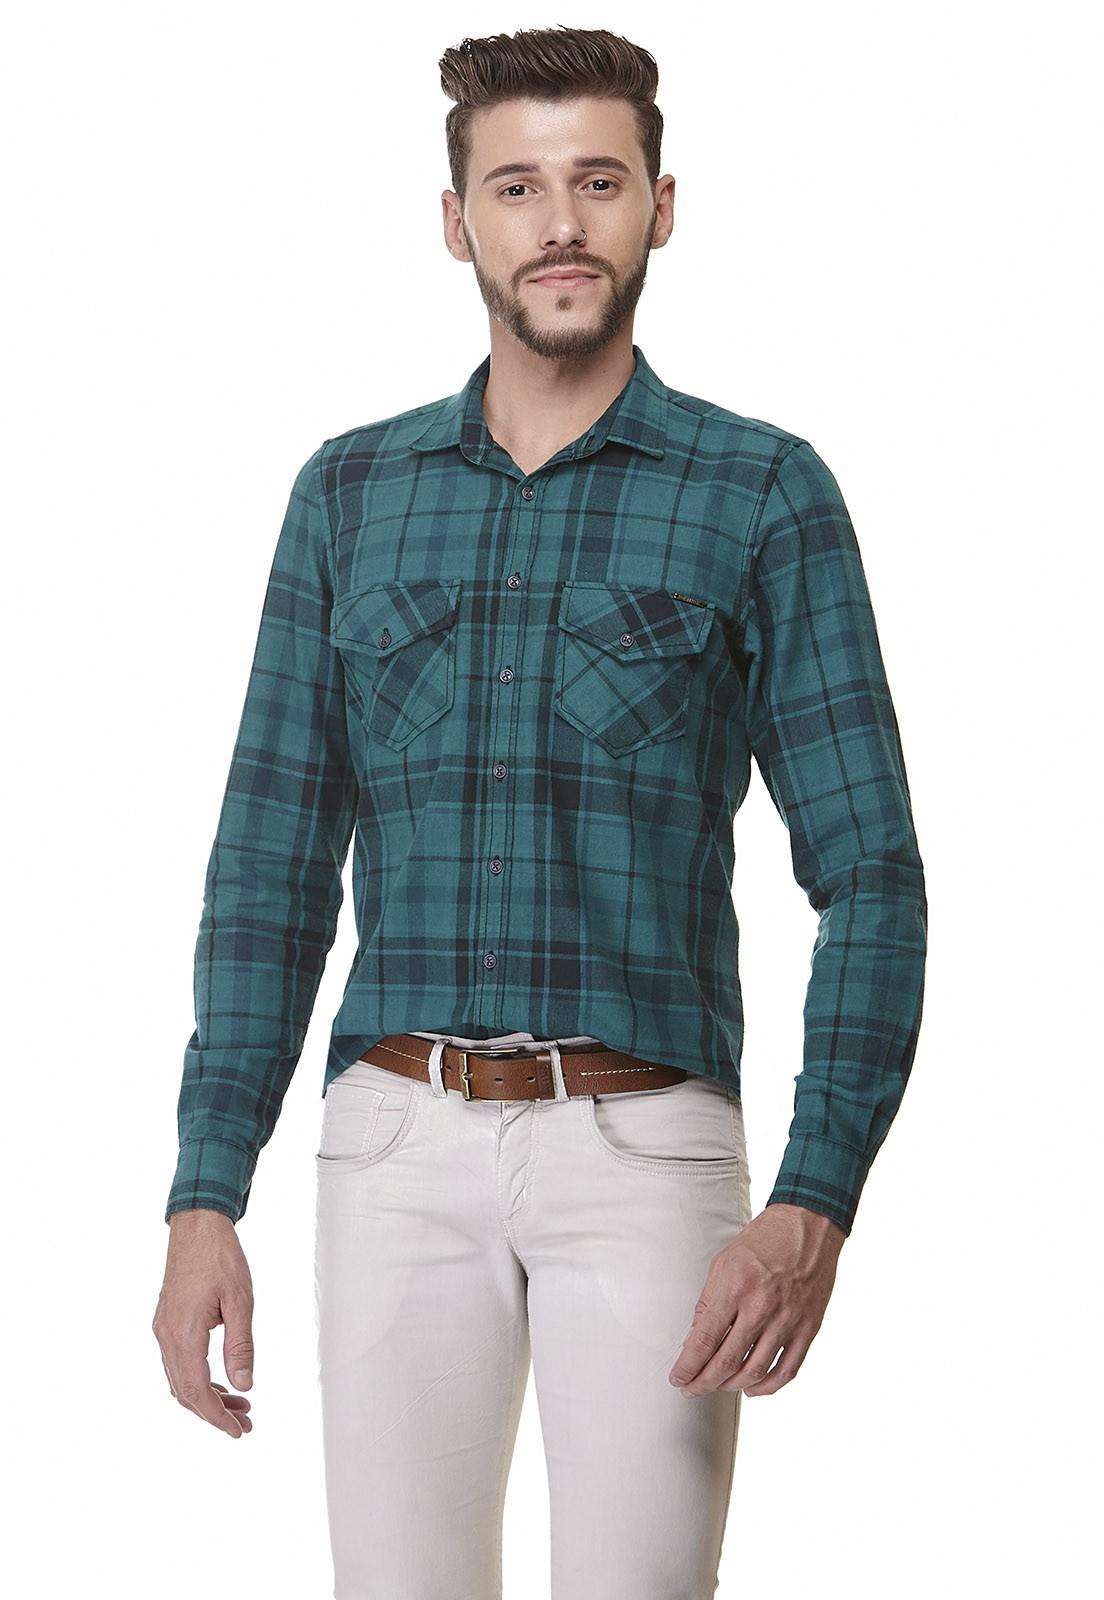 Camisa Slim Zaiko Xadrez Manga Longa 1917